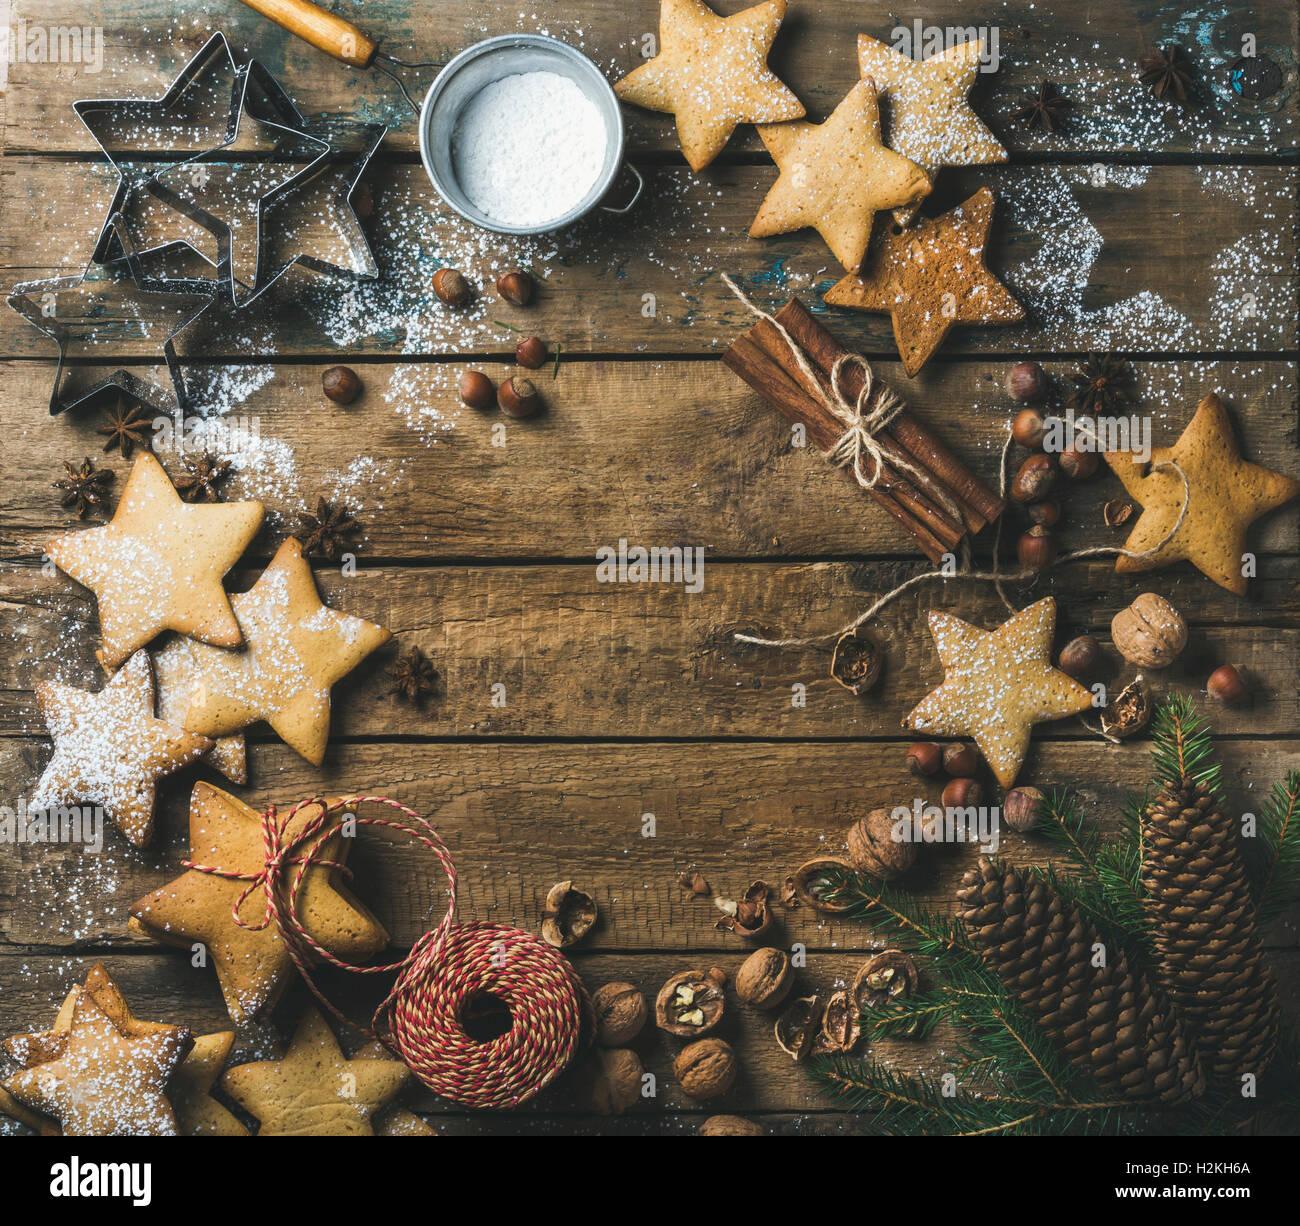 Weihnachten oder Silvester Urlaub-Essen und Dekoration Hintergrund. Sternförmige süße Lebkuchen mit Stockbild